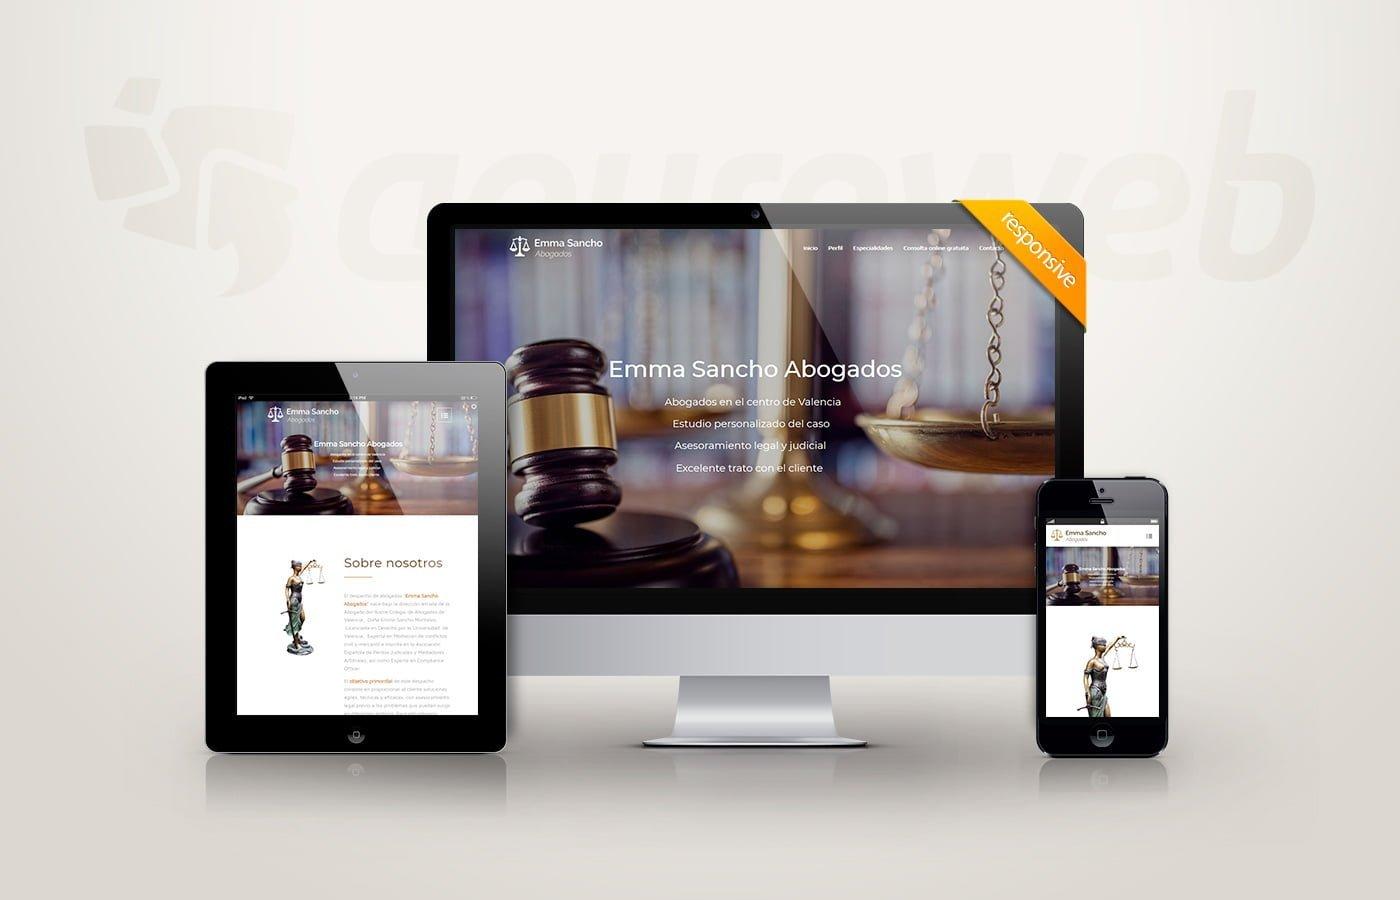 diseño-web-emma-sancho-abogados